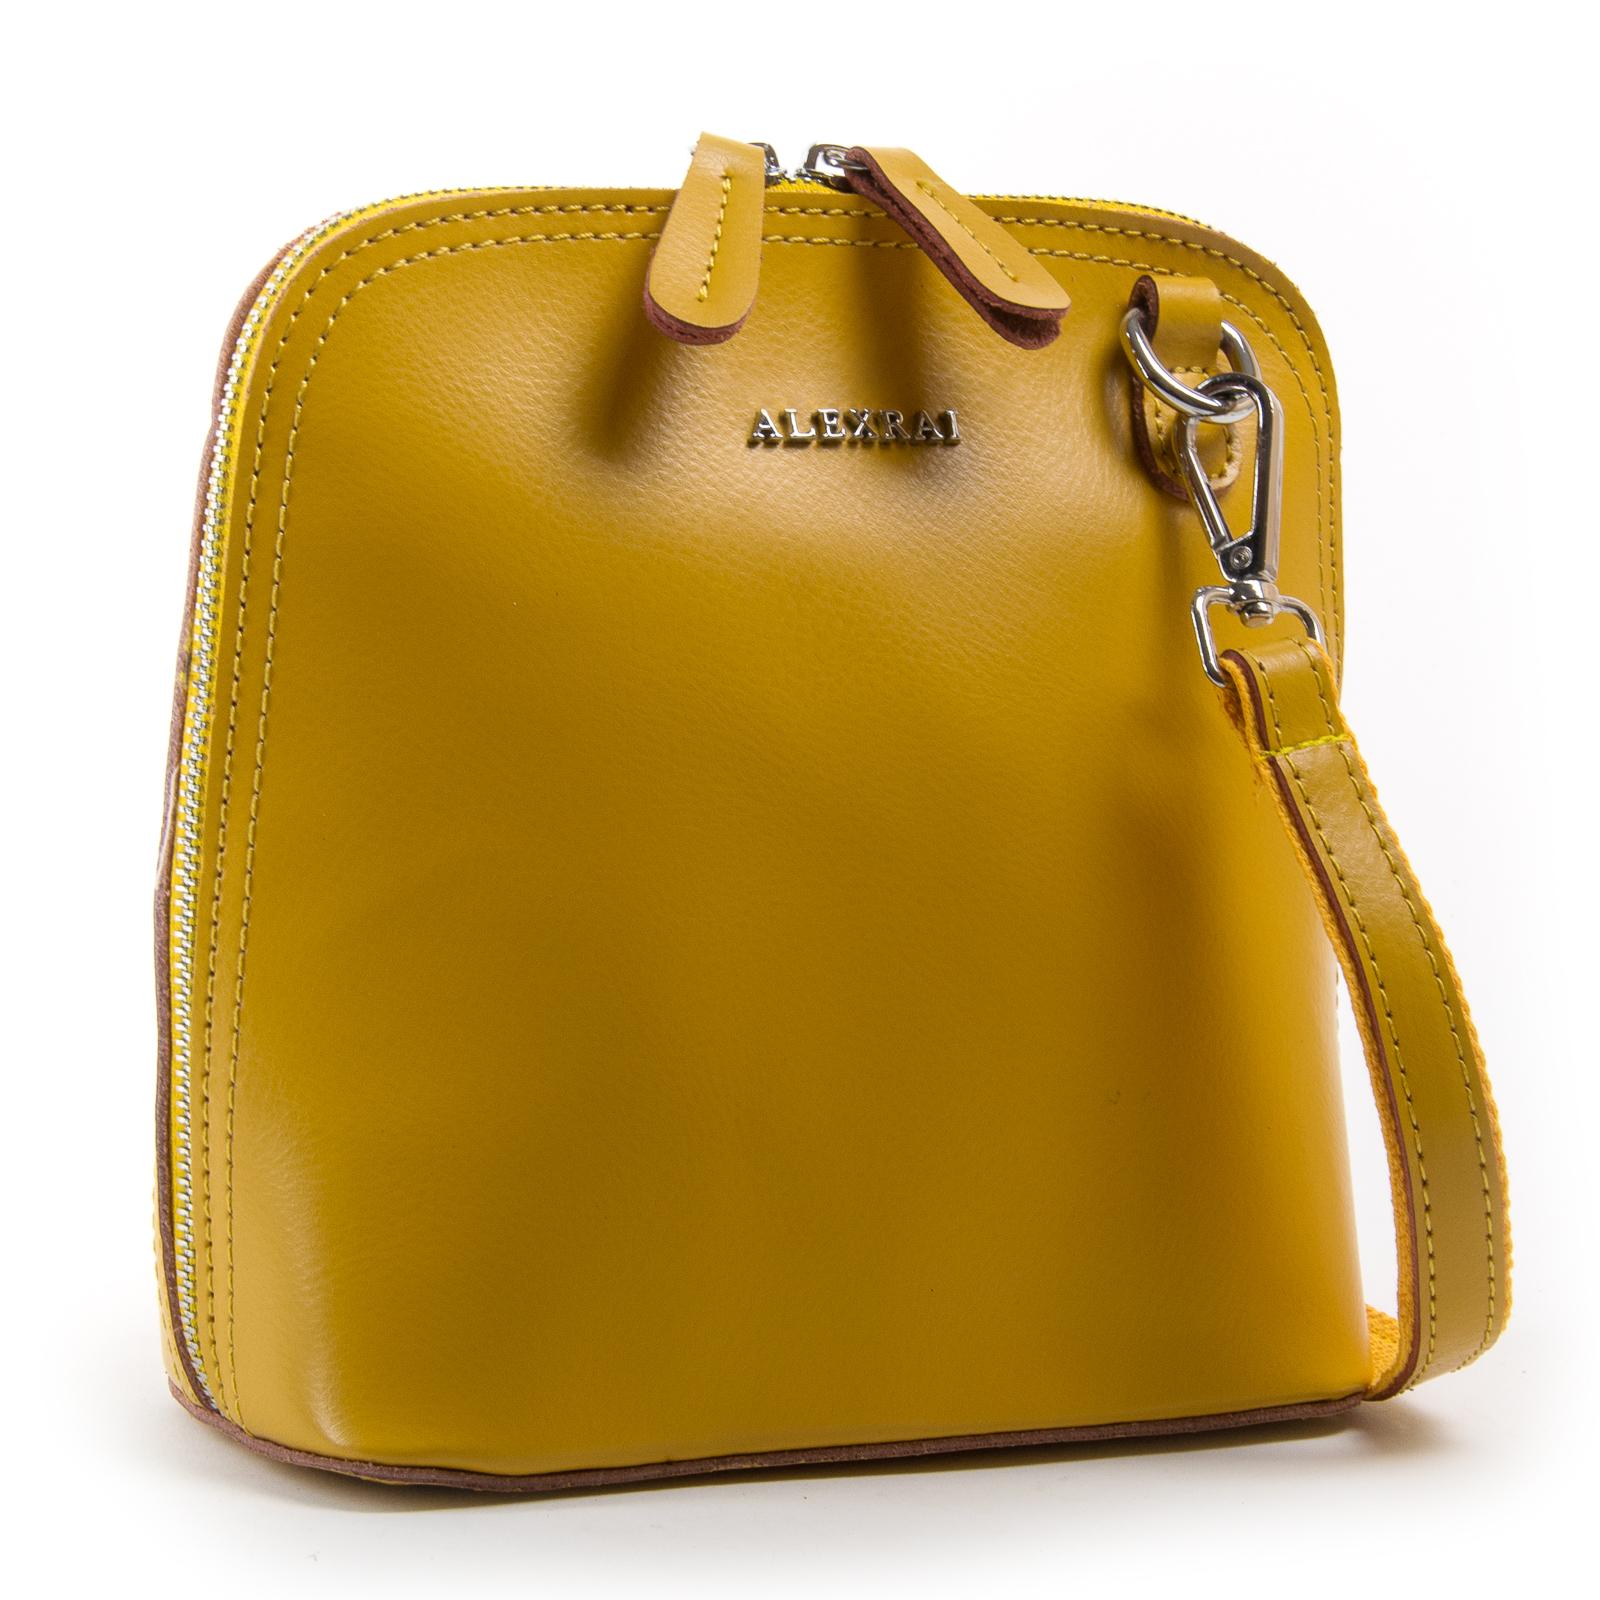 Сумка Женская Классическая кожа ALEX RAI 03-01 8803 yellow